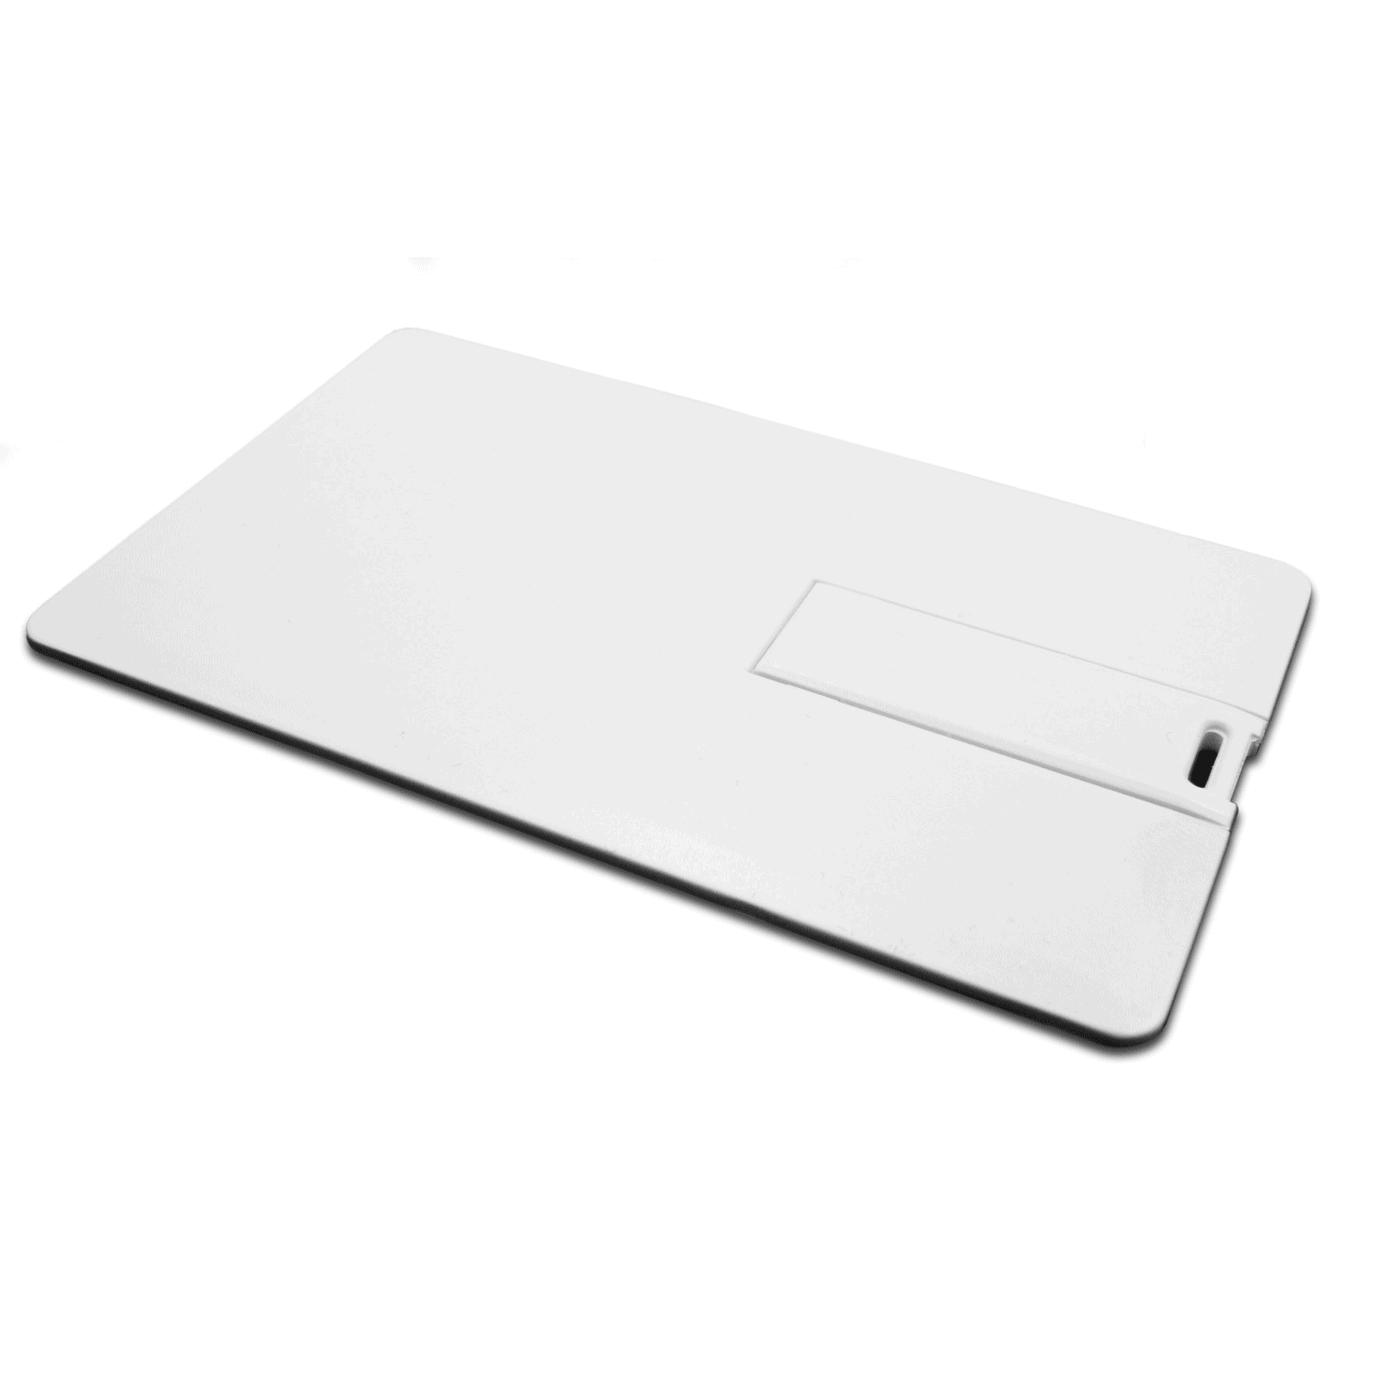 Credit Card USB Flash Drive - 2GB